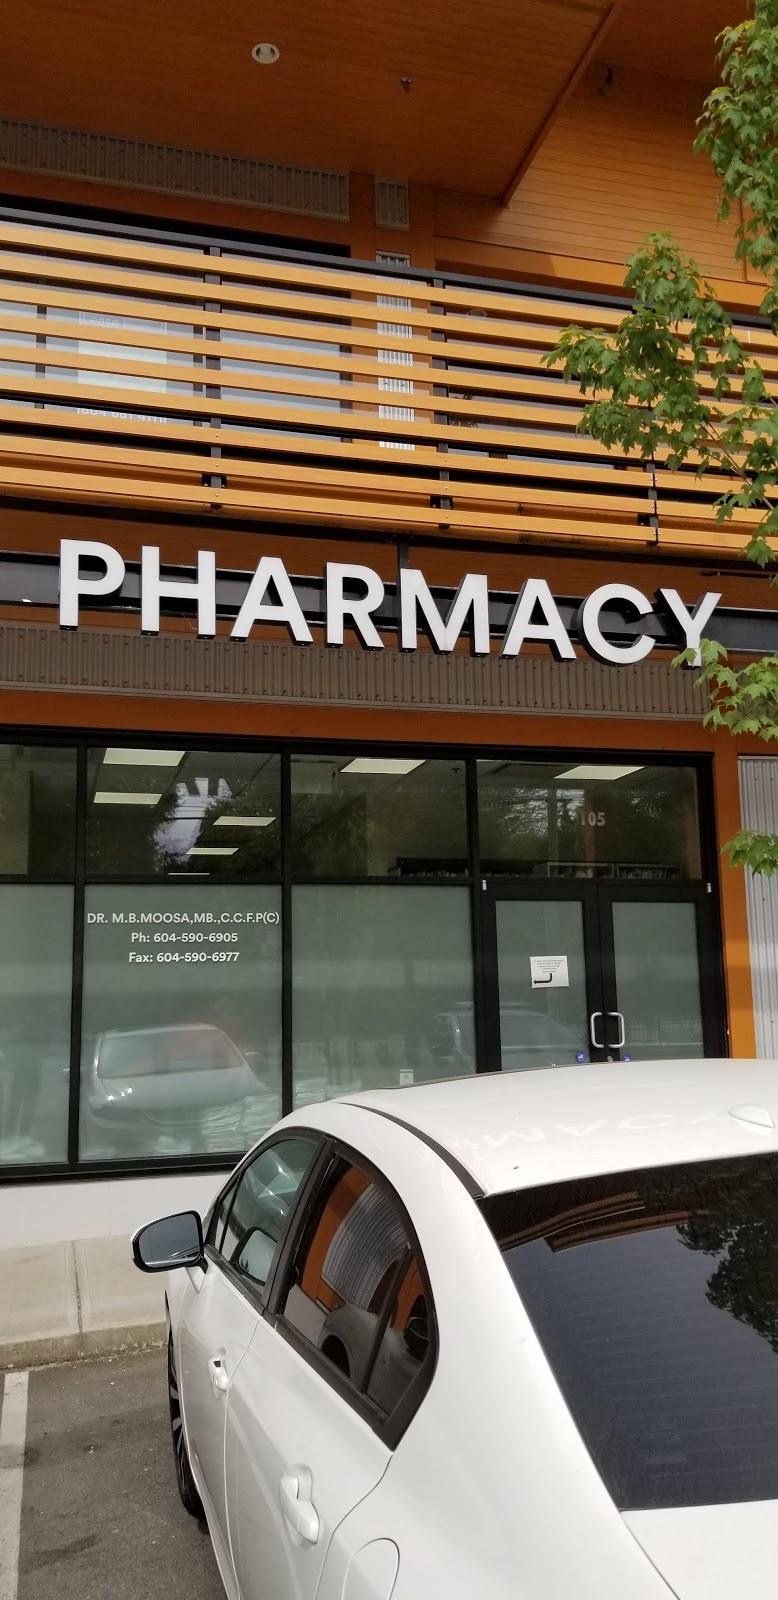 Moosa M B Dr | doctor | 9093 King George Blvd #105, Surrey, BC V5V 5V7, Canada | 6045906905 OR +1 604-590-6905